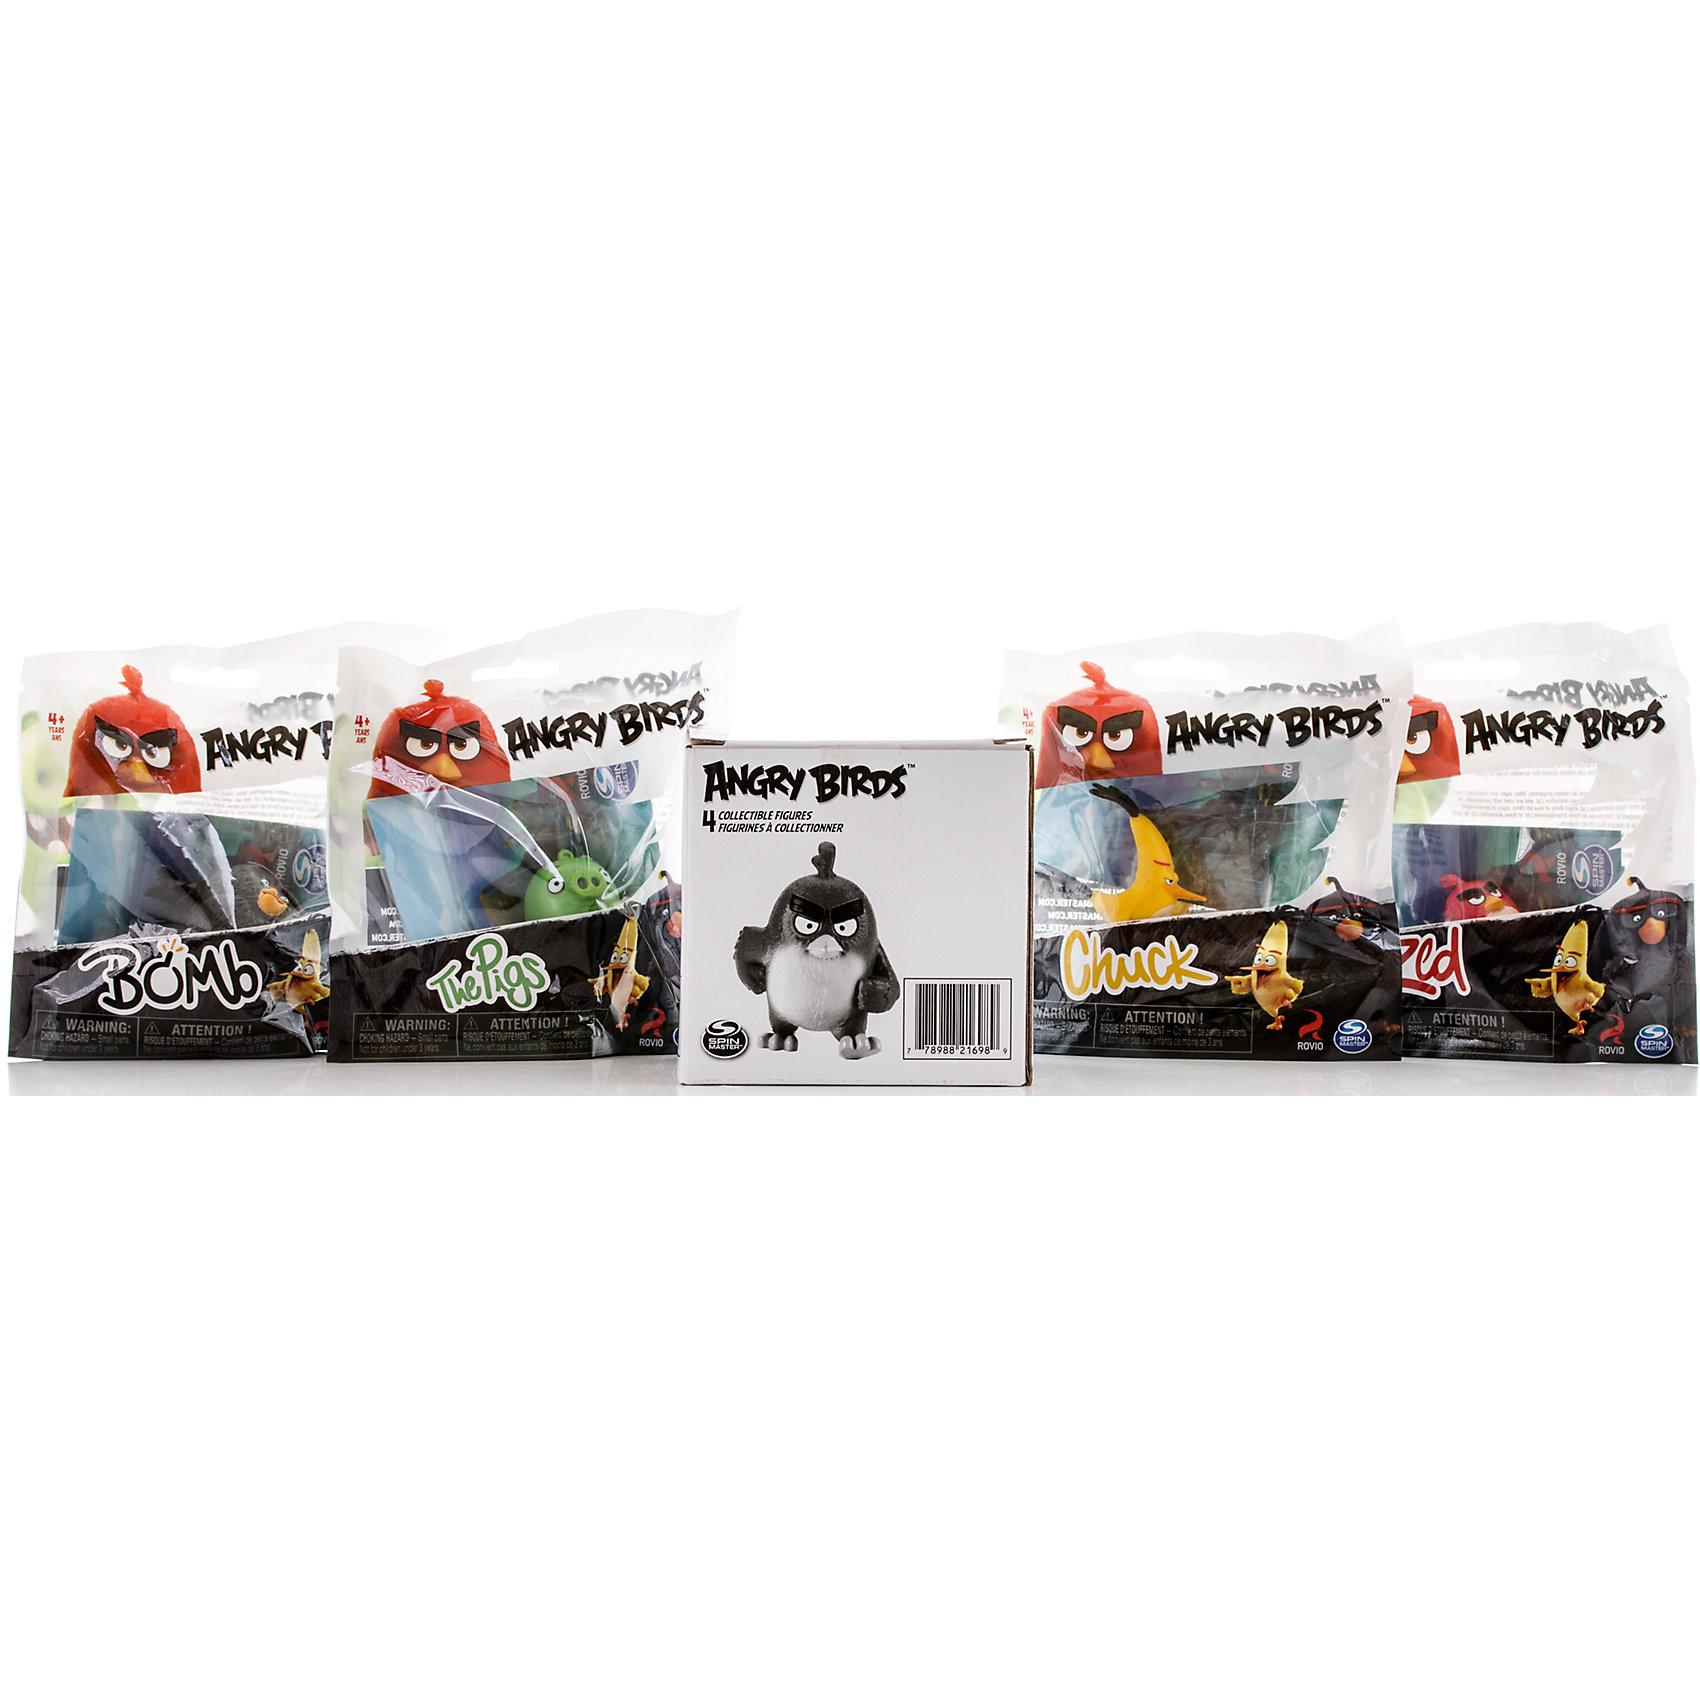 Набор из 4 фигурок Angry BirdsХарактеристики Игрушки Набор из 4 сердитых птичек:<br><br>- возраст: от 3 лет<br>- герой: Angry Birds<br>- пол: для мальчиков и девочек<br>- комплект: 1 набор.<br>- материал: пластик<br>- упаковка: картонная коробка.<br>- упаковка отдельной игрушки: блистер на картоне.<br>- длина игрушки: 6 см.<br>- страна обладатель бренда: Канада.<br><br>Замечательная новинка весны 2016 года от компании Spin Master – набор из 4 коллекционных фигурок героев популярнейшей во всем мире компьютерной игры и мультфильма Angry Birds! Такой подарок оценят не только дети, но и вполне взрослые люди, ведь обаянию сердитых птичек и зеленых поросят подвластны люди самых разных возрастов. Высота каждой минифигурки 5 см, игрушки выполнены из пластика и очень тщательно детализированы. Фигурки очень ярко и точно отражают характеры героев и их эмоции. Каждый персонаж представлен в нескольких вариантах мимики и поз. Собери всю коллекцию смешных персонажей Энгри Бёрдз на своей полке!<br><br>Игрушку Набор из 4 птичек на колесах можно купить в нашем интернет-магазине.<br><br>Ширина мм: 100<br>Глубина мм: 110<br>Высота мм: 100<br>Вес г: 216<br>Возраст от месяцев: 36<br>Возраст до месяцев: 192<br>Пол: Унисекс<br>Возраст: Детский<br>SKU: 4663718